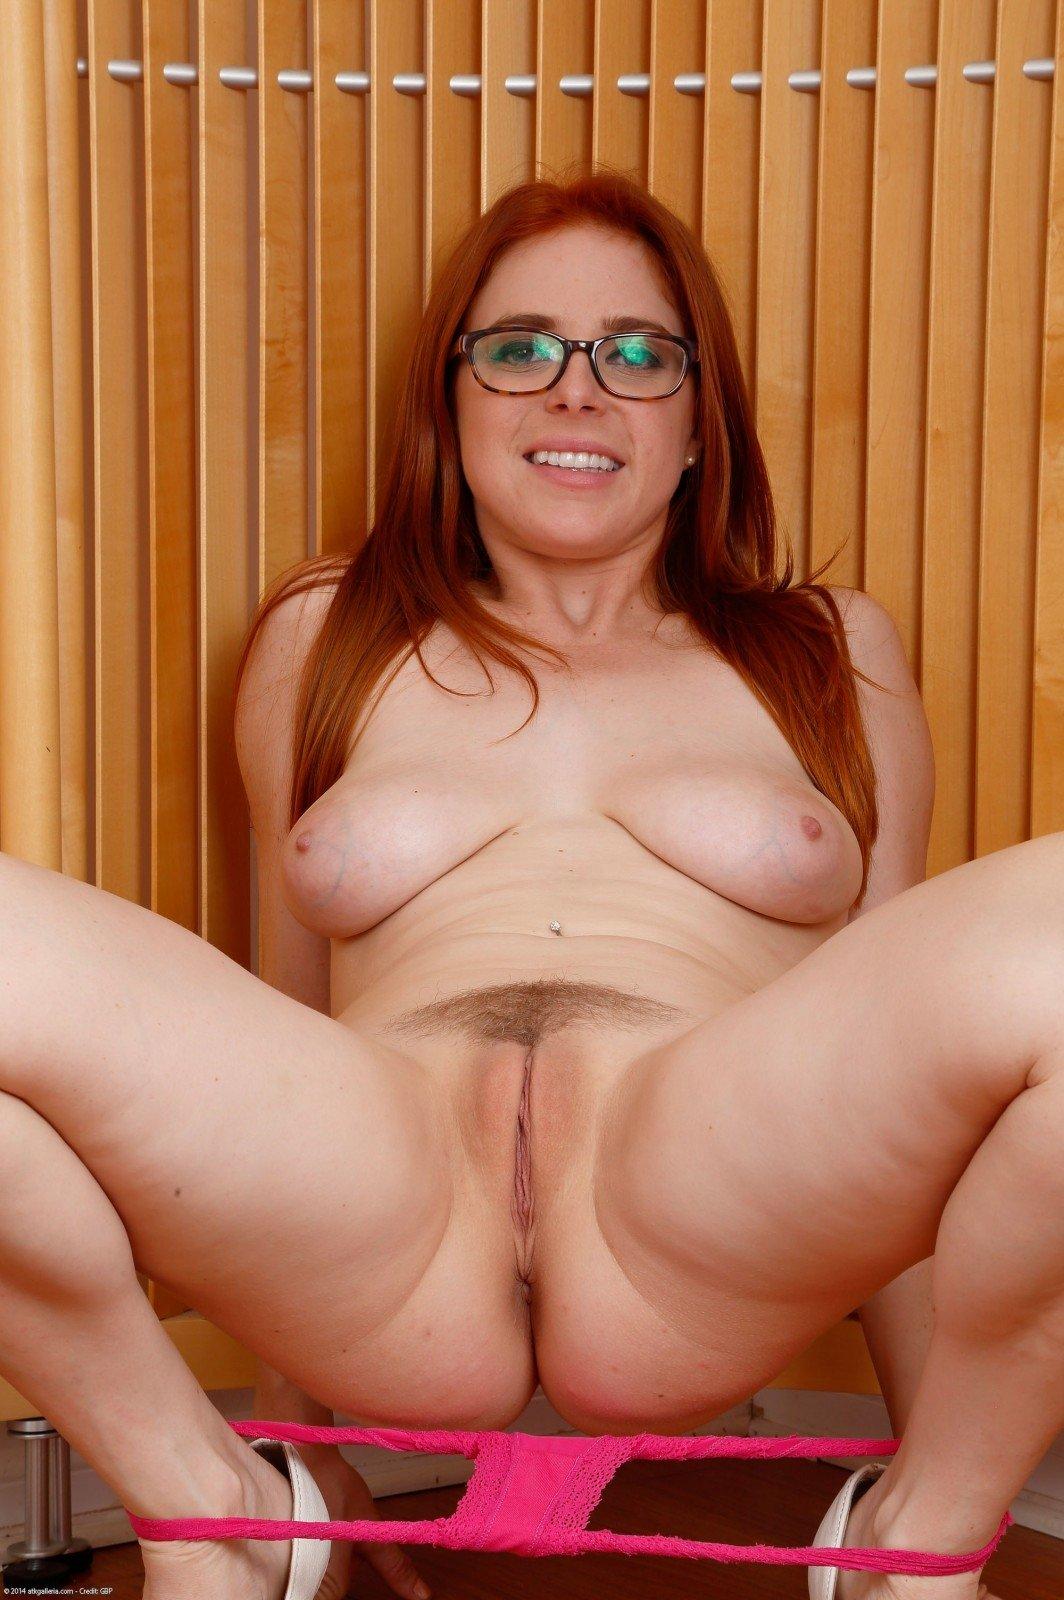 Подруга жены приехала в гости порно фото